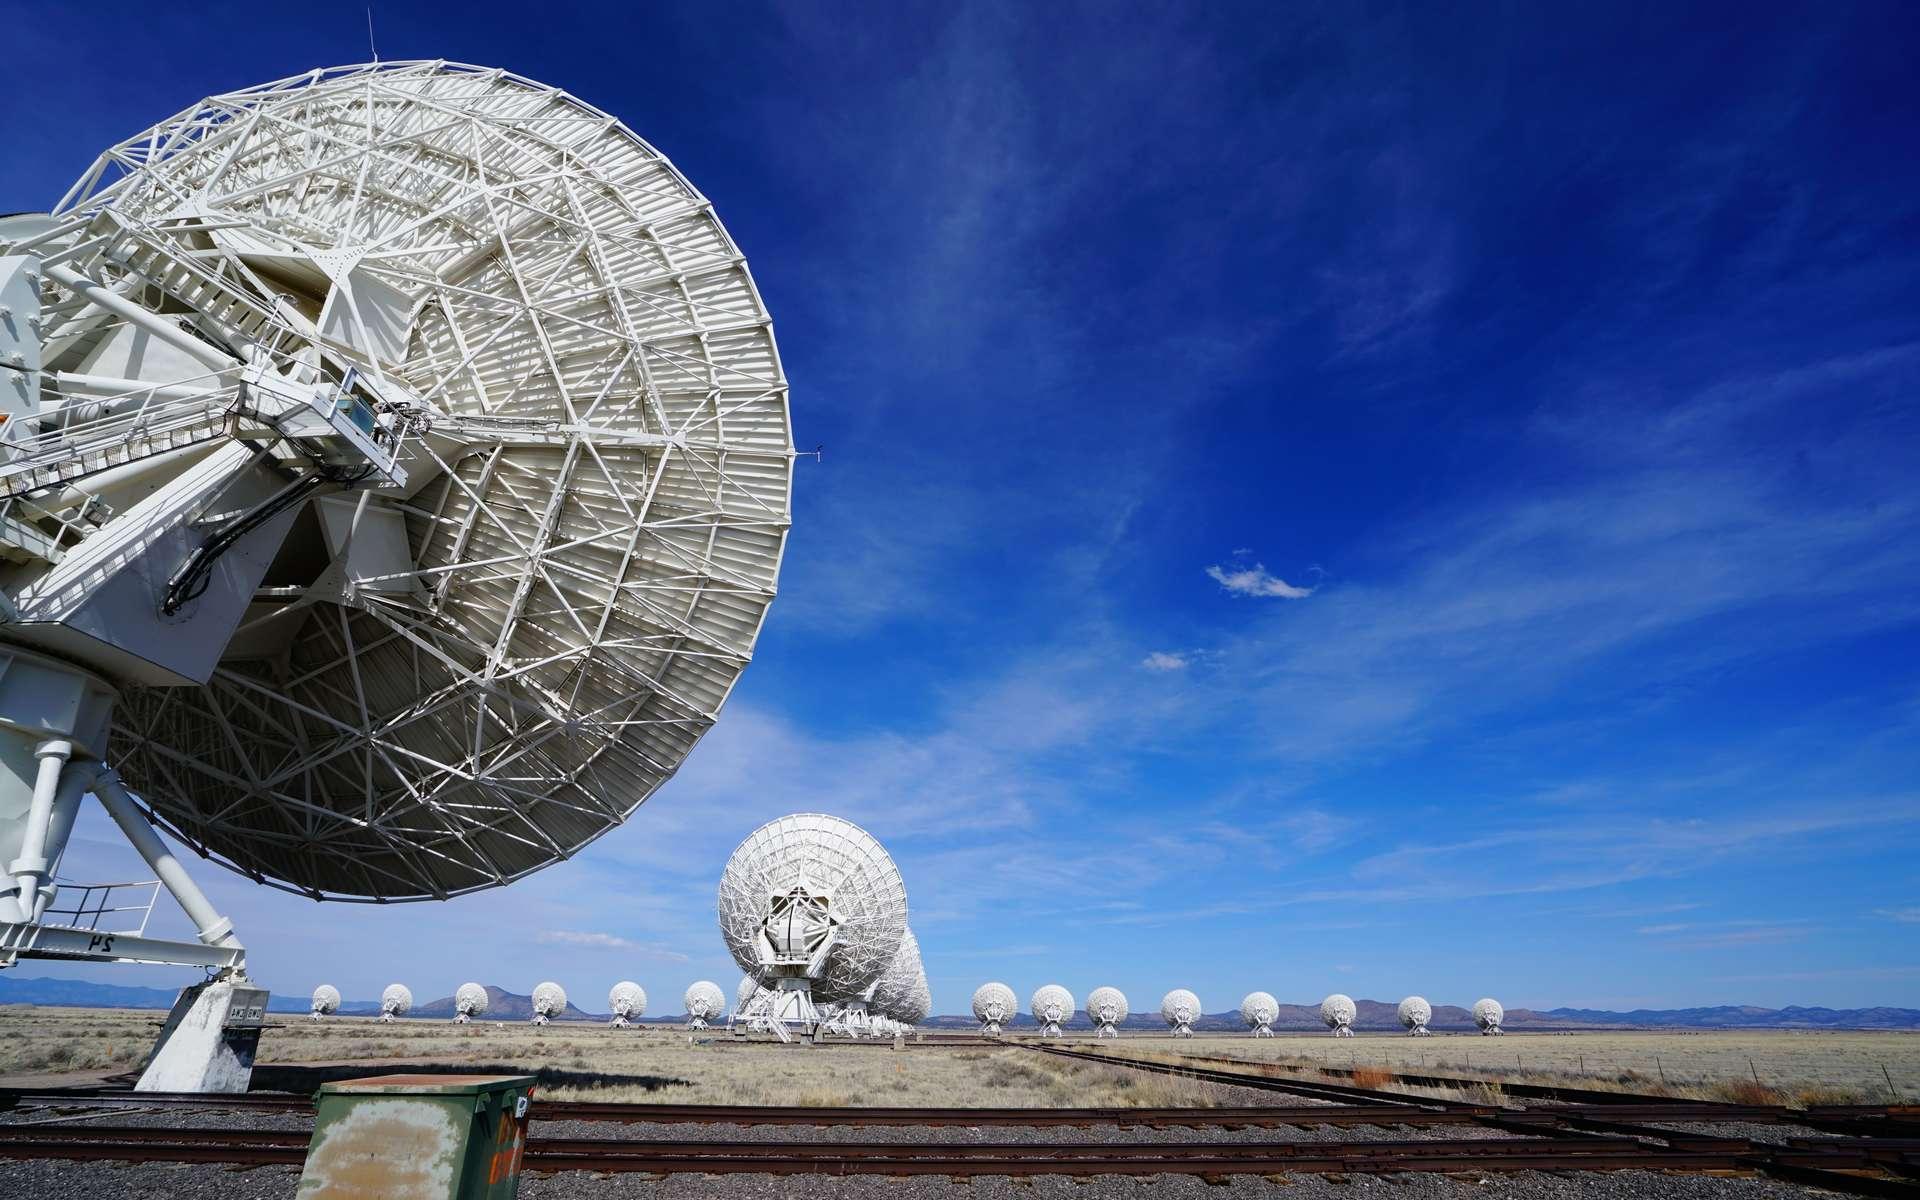 Une vue des radiotélescopes du VLA (Very Large Array) utilisés (entre autres) dans le cadre du programme Seti. © Fotolia PhotoElite